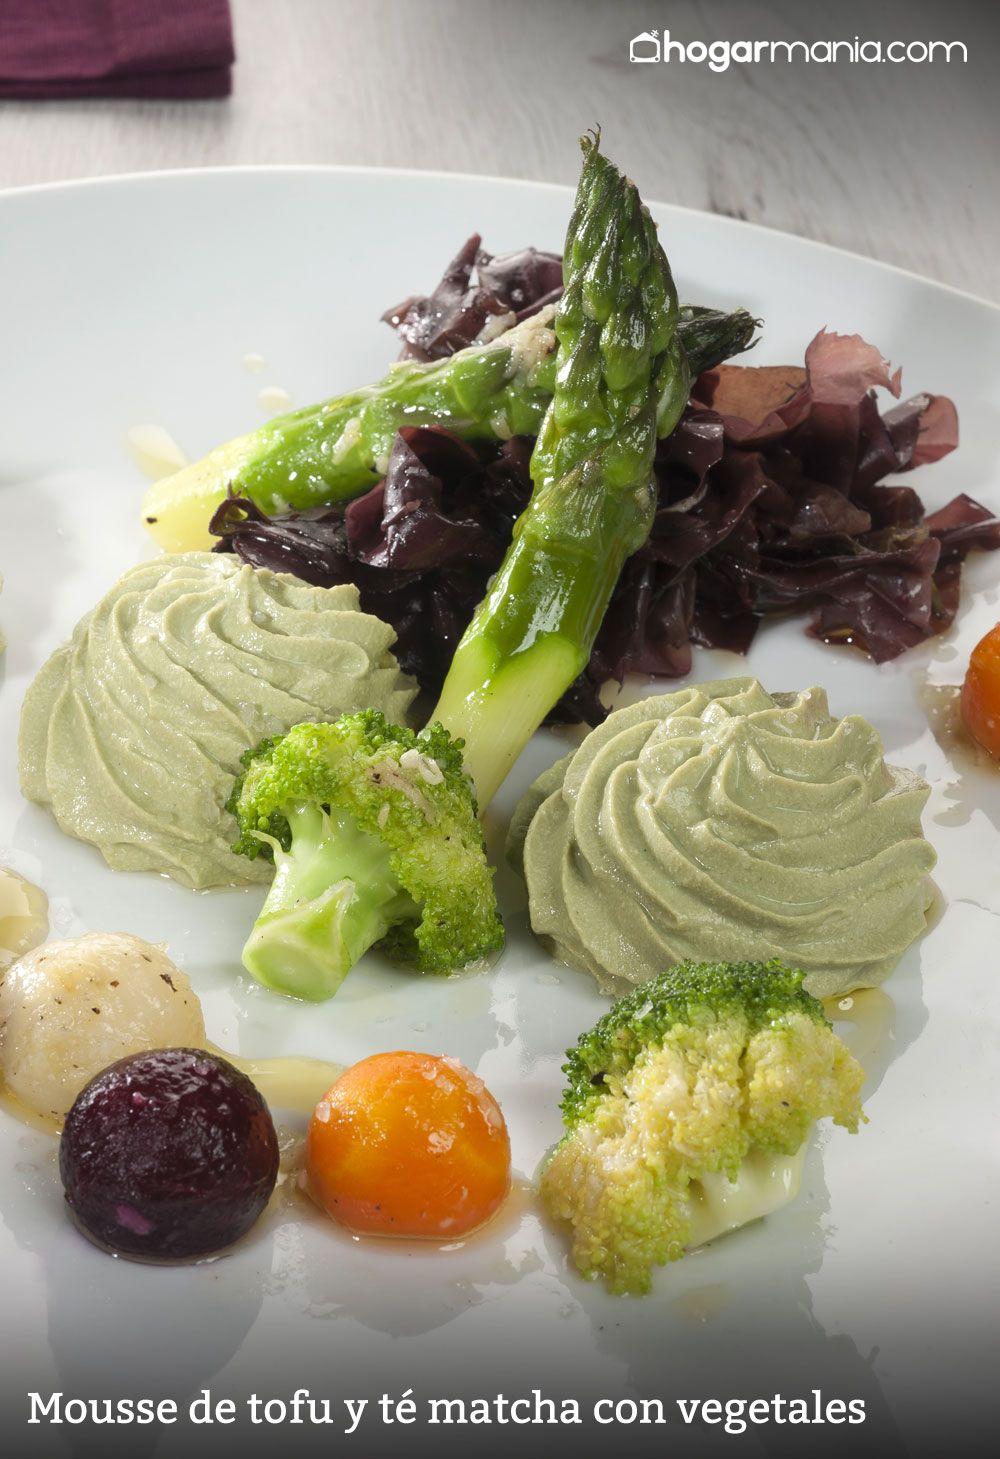 mousse de tofu y té matcha con vegetales